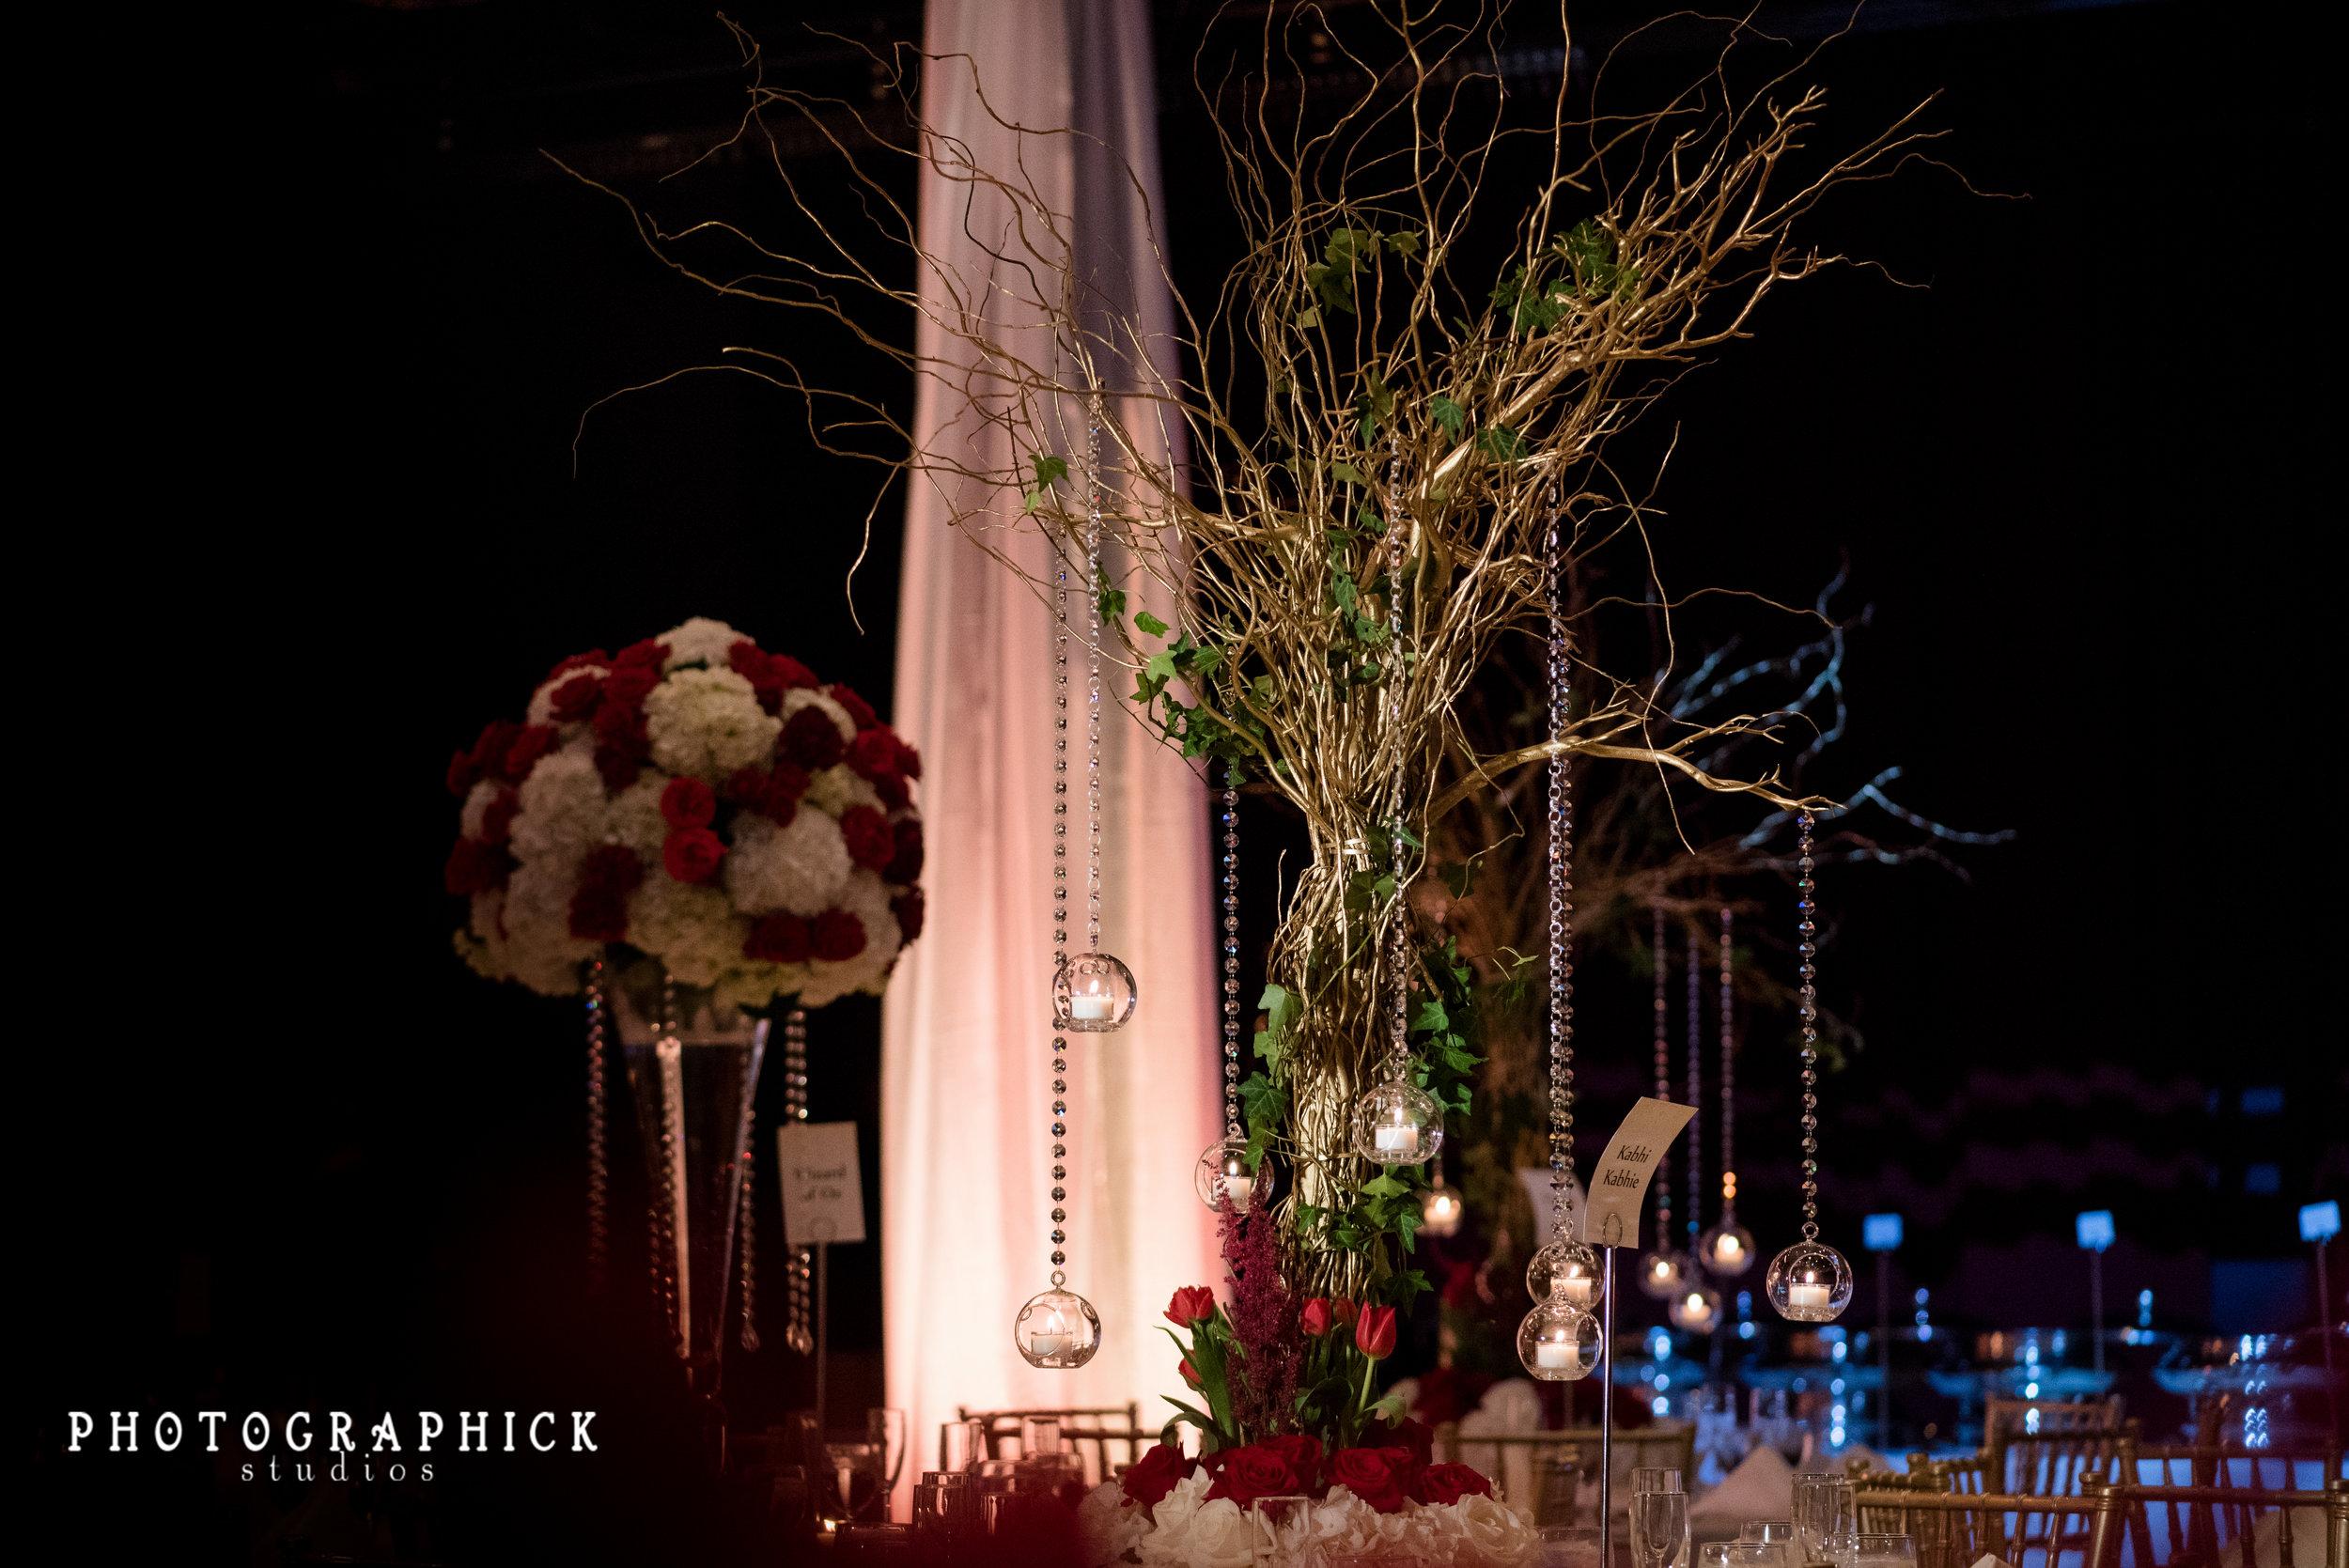 Photographick Studios | www.photographick.com | 571-449-7468